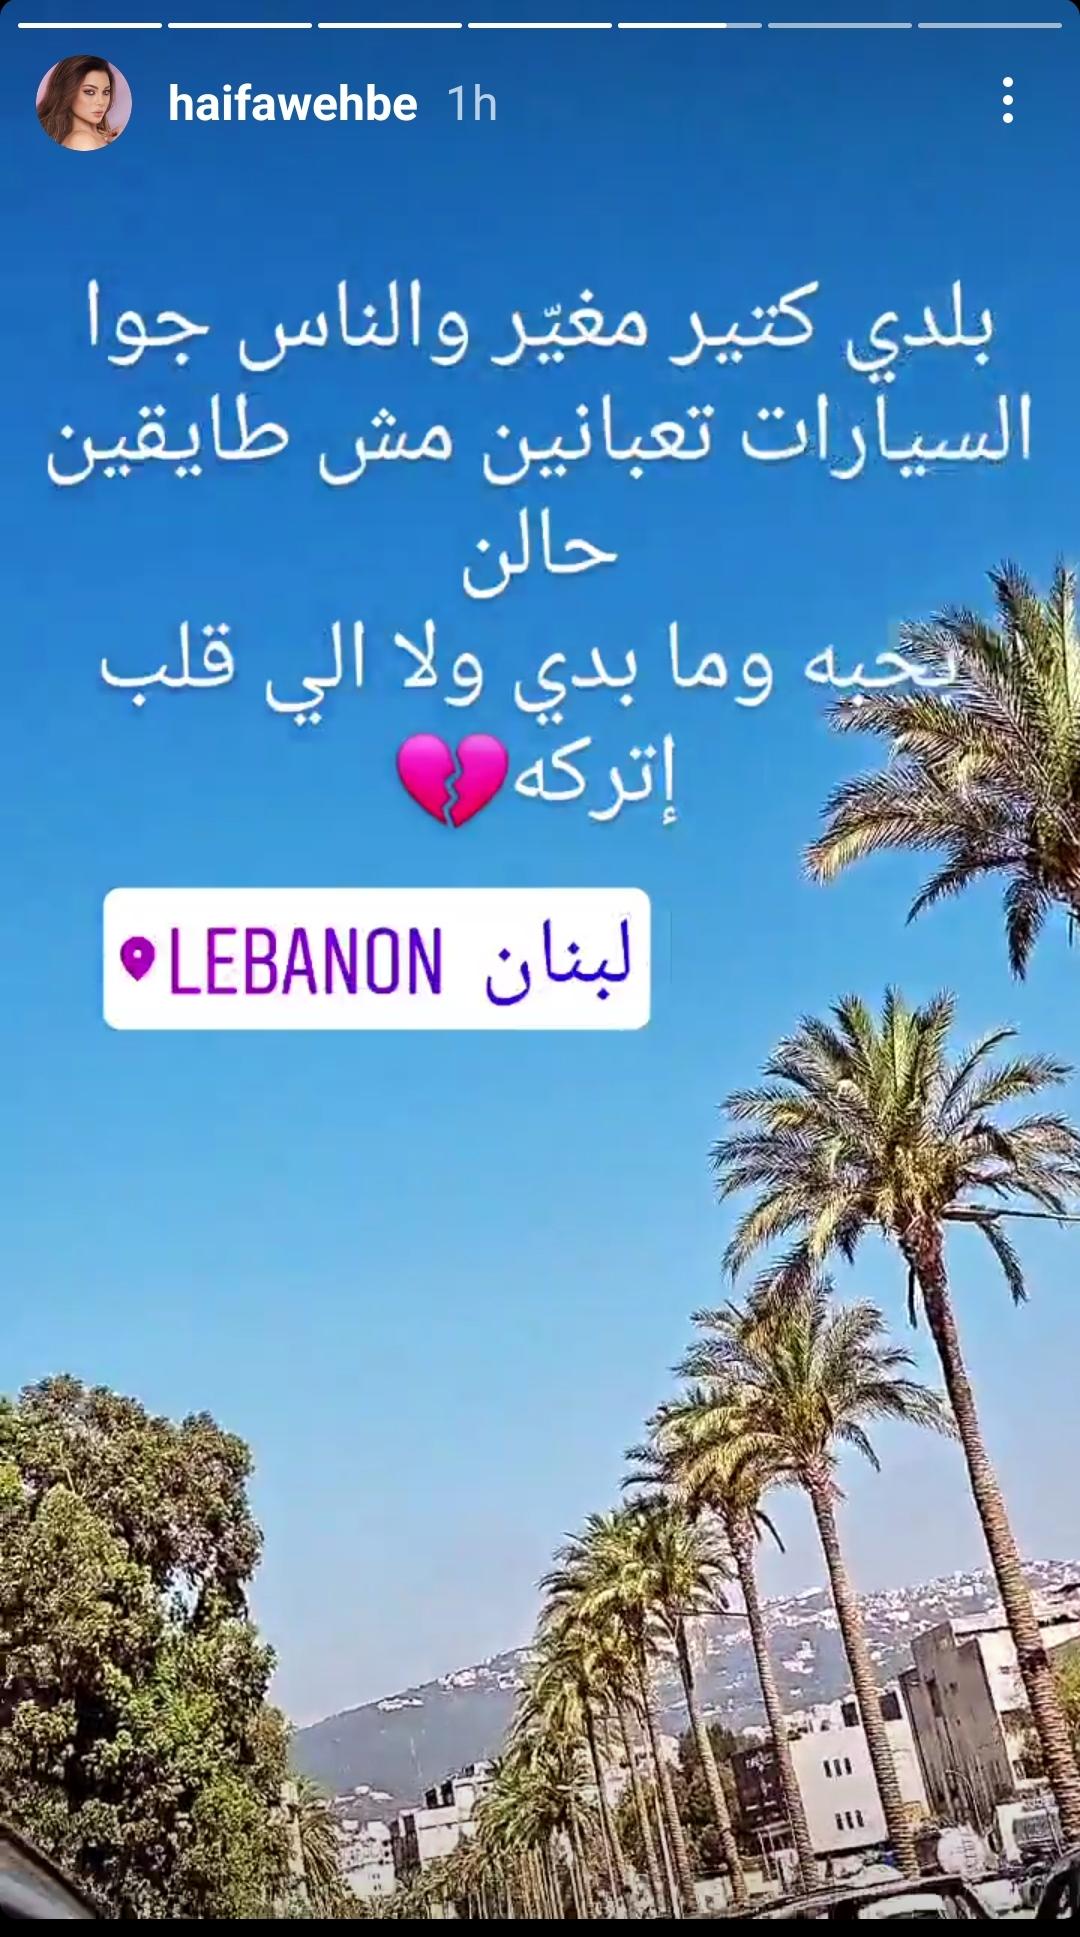 ما نشرته هيفاء وهبي على ستوري حسابها على إنستغرام